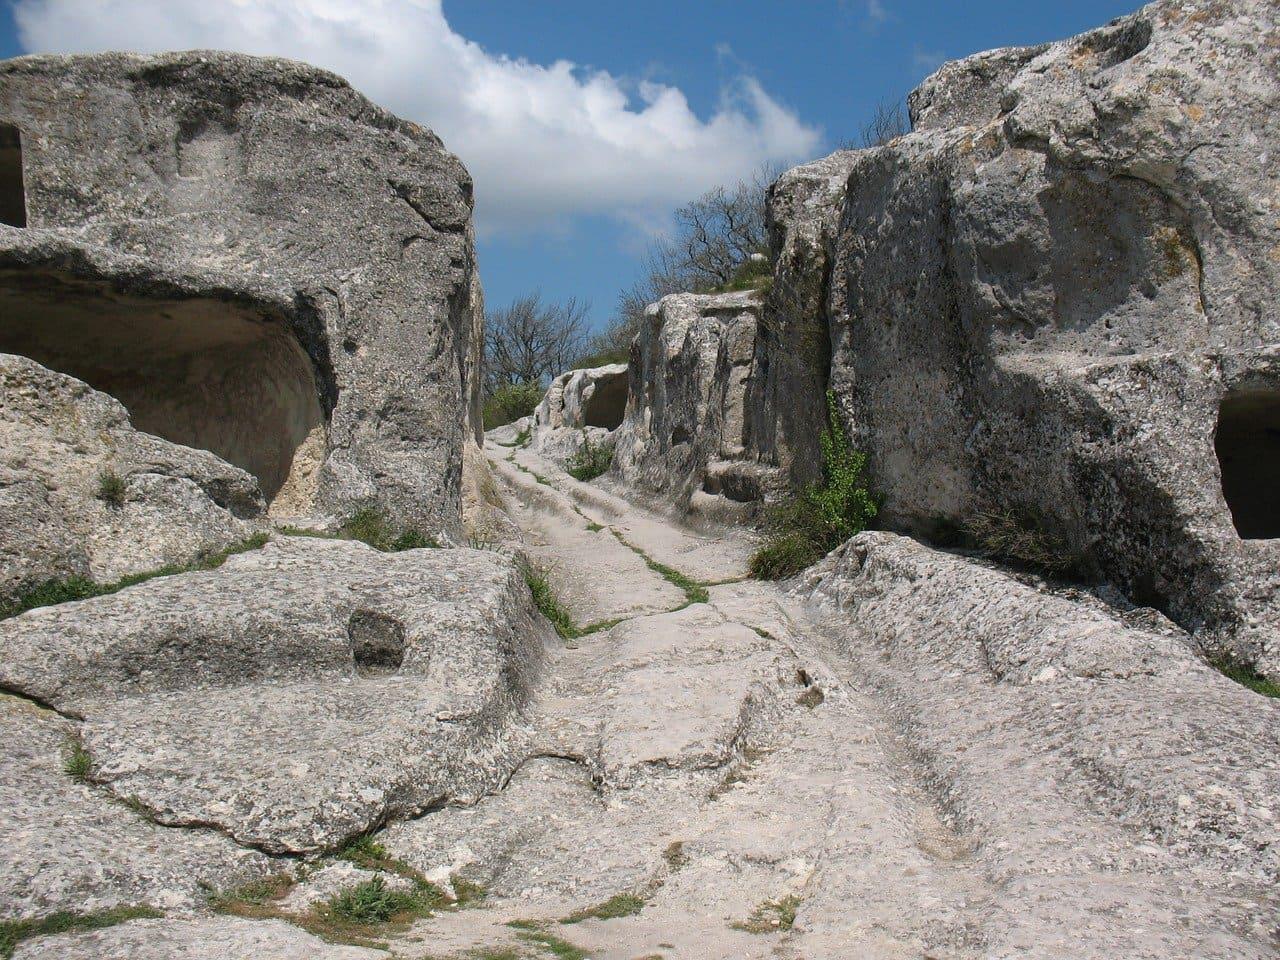 Пещерный город Эски-Кермен аренда автомобилей в Крыму